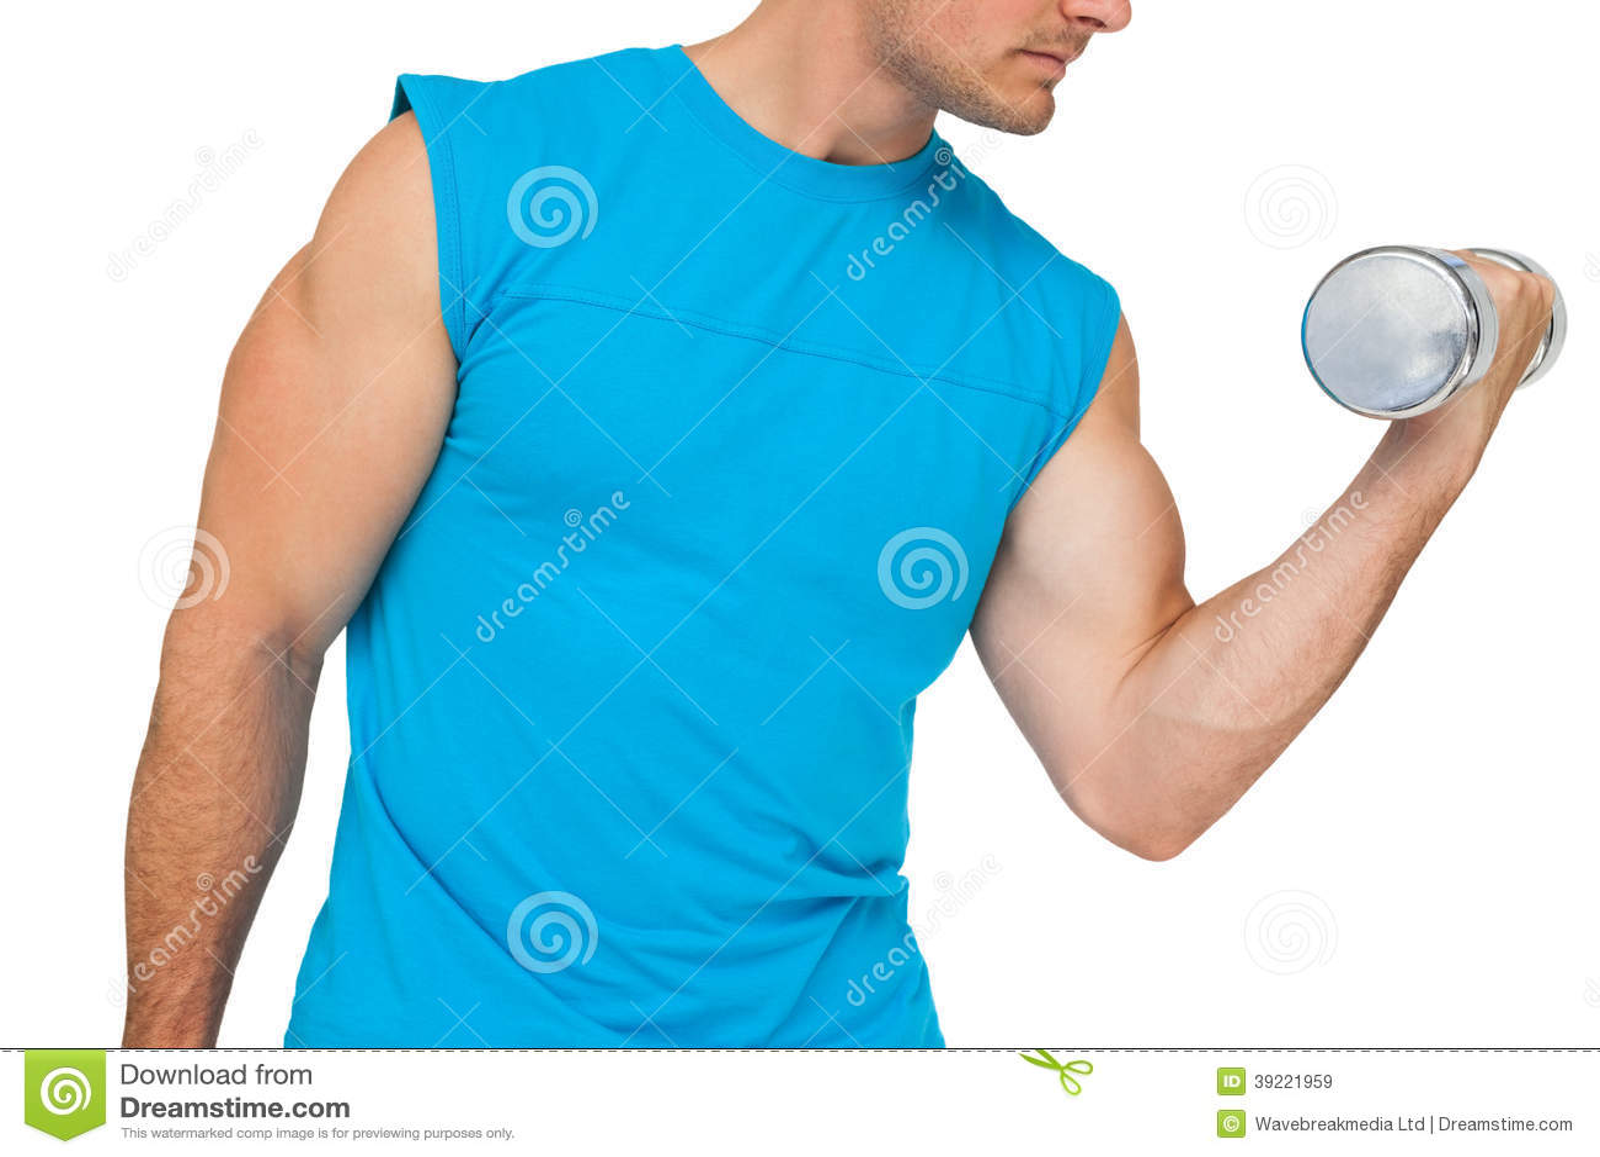 Zakończenie w połowie sekcja ćwiczy z dumbbell dysponowany mężczyzna